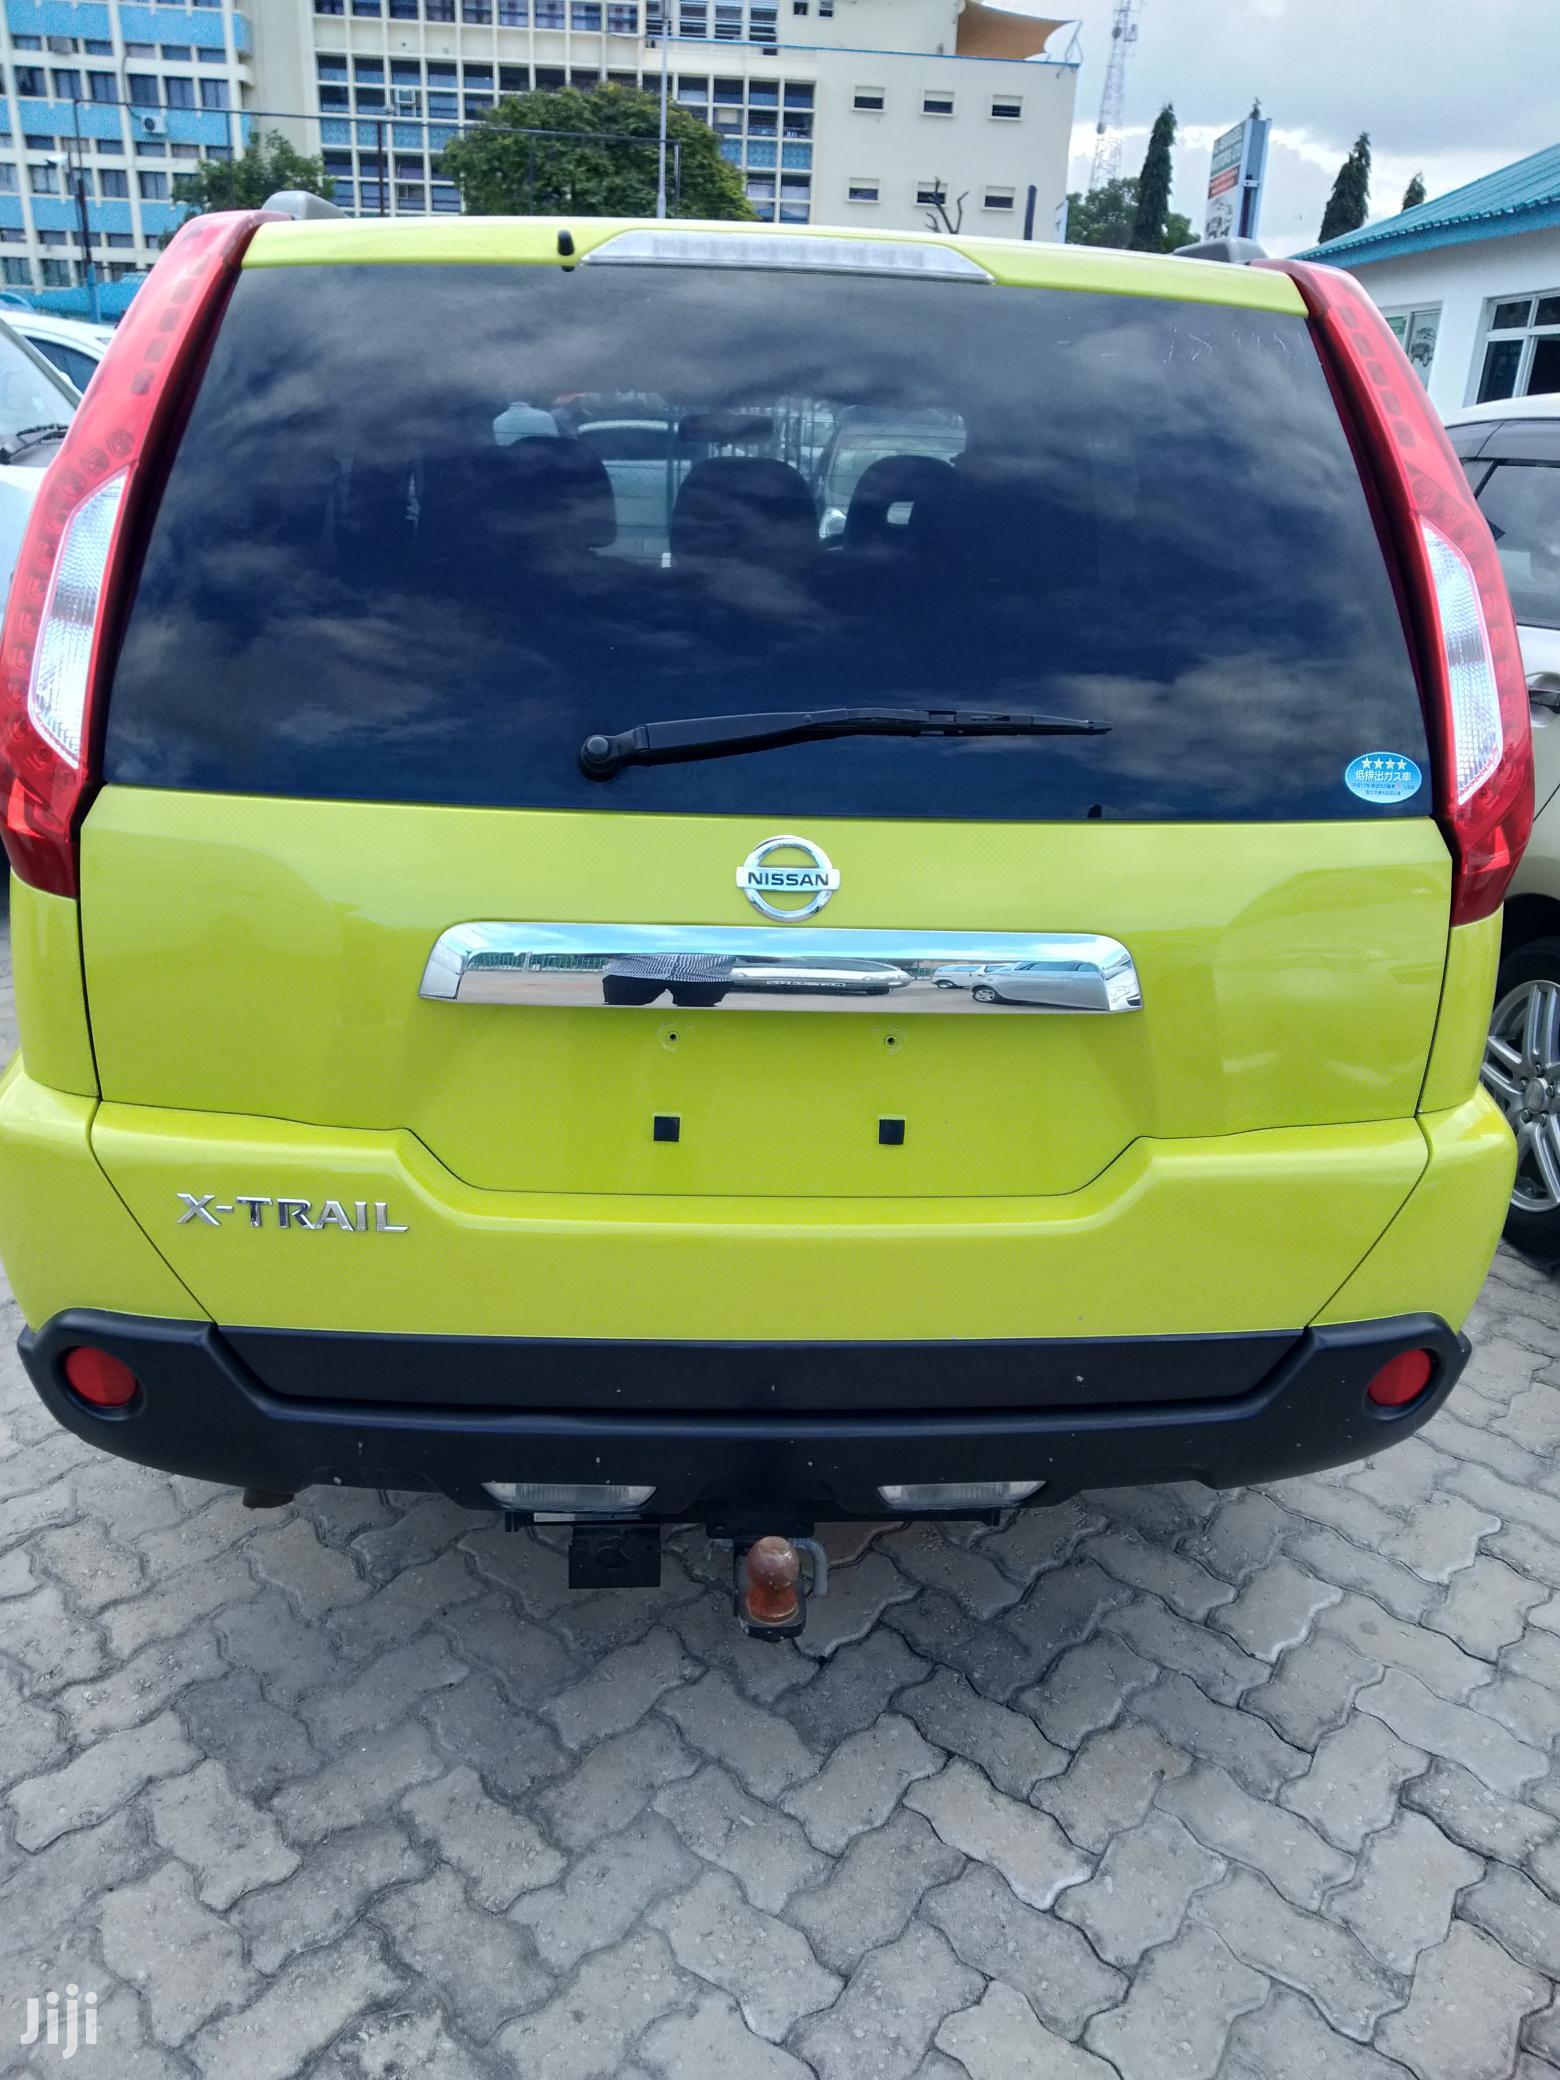 New Nissan X-Trail 2013 Green | Cars for sale in Mvita, Mombasa, Kenya